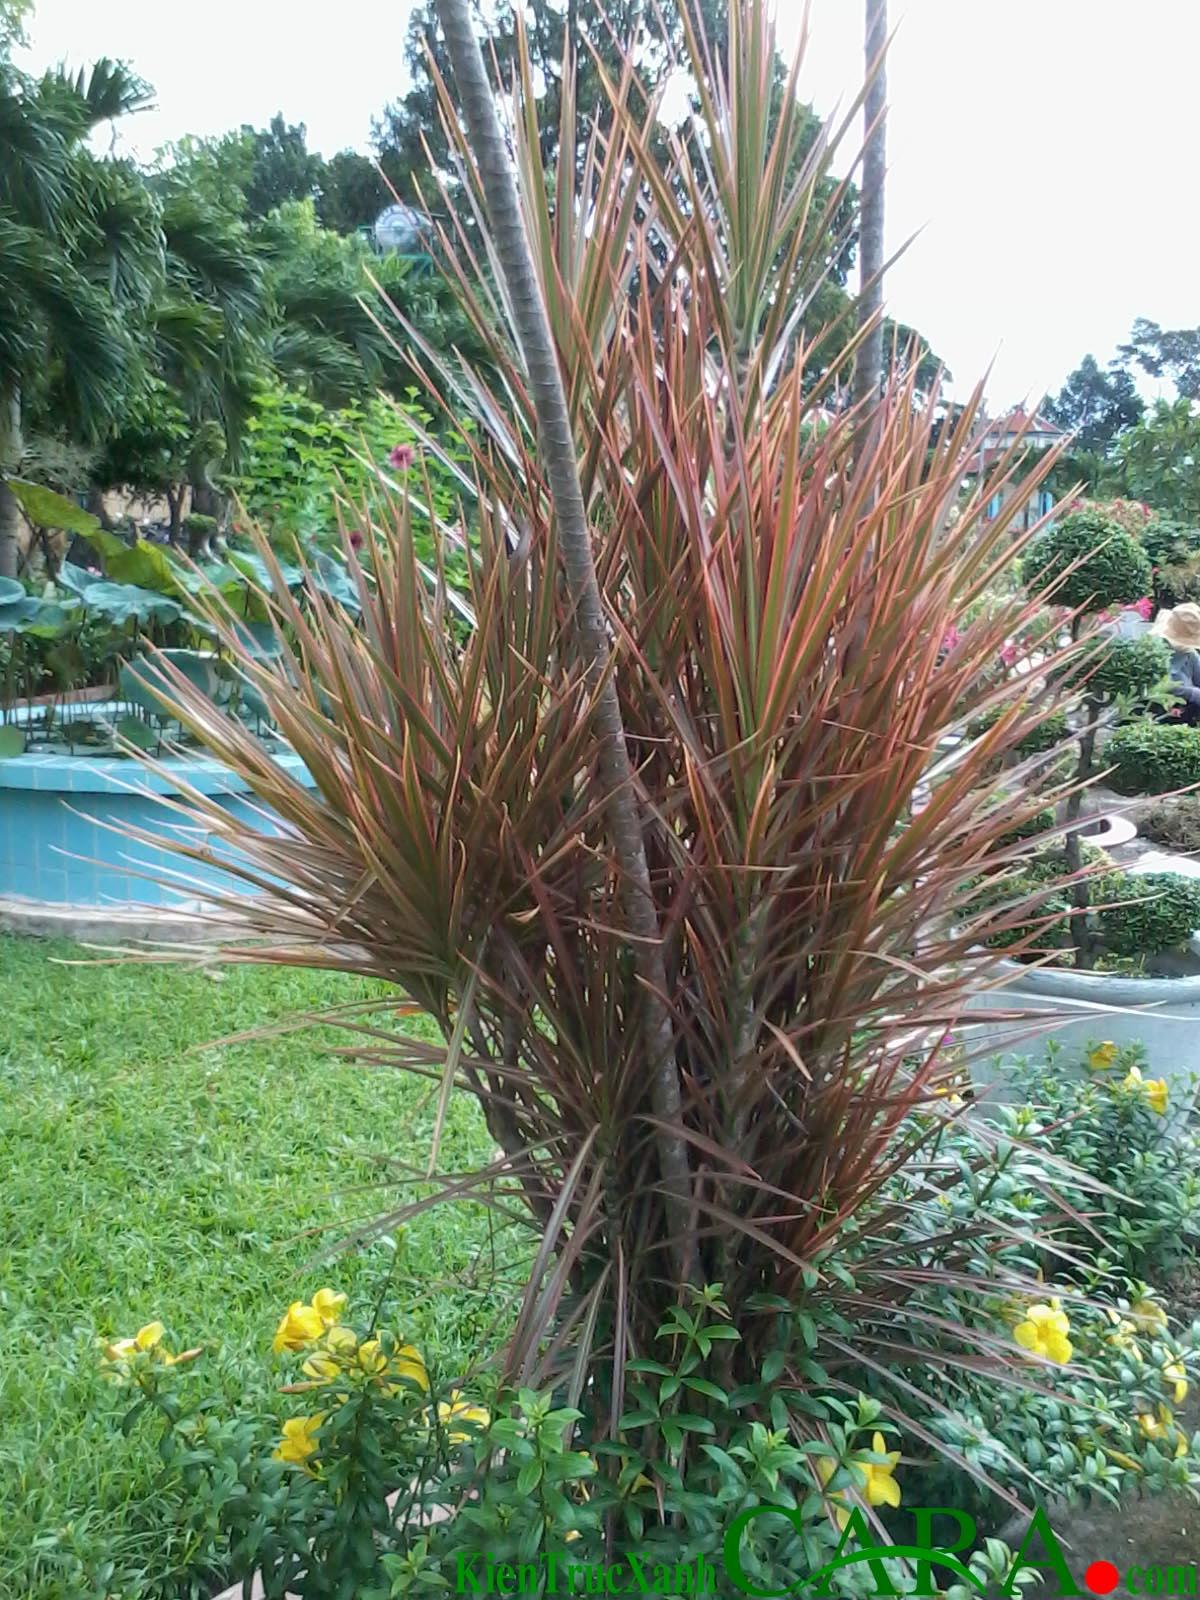 KIẾN TRÚC XANH CARA chuyên thực hiện các dự án xanh như thiết kế thi công các công trình xanh tiết kiệm năng lượng, sân vườn chuyên sâu, vườn ươm cung cấp hơn 300 loại cây xanh hoa cỏ và cây Bonsai khác nhau.